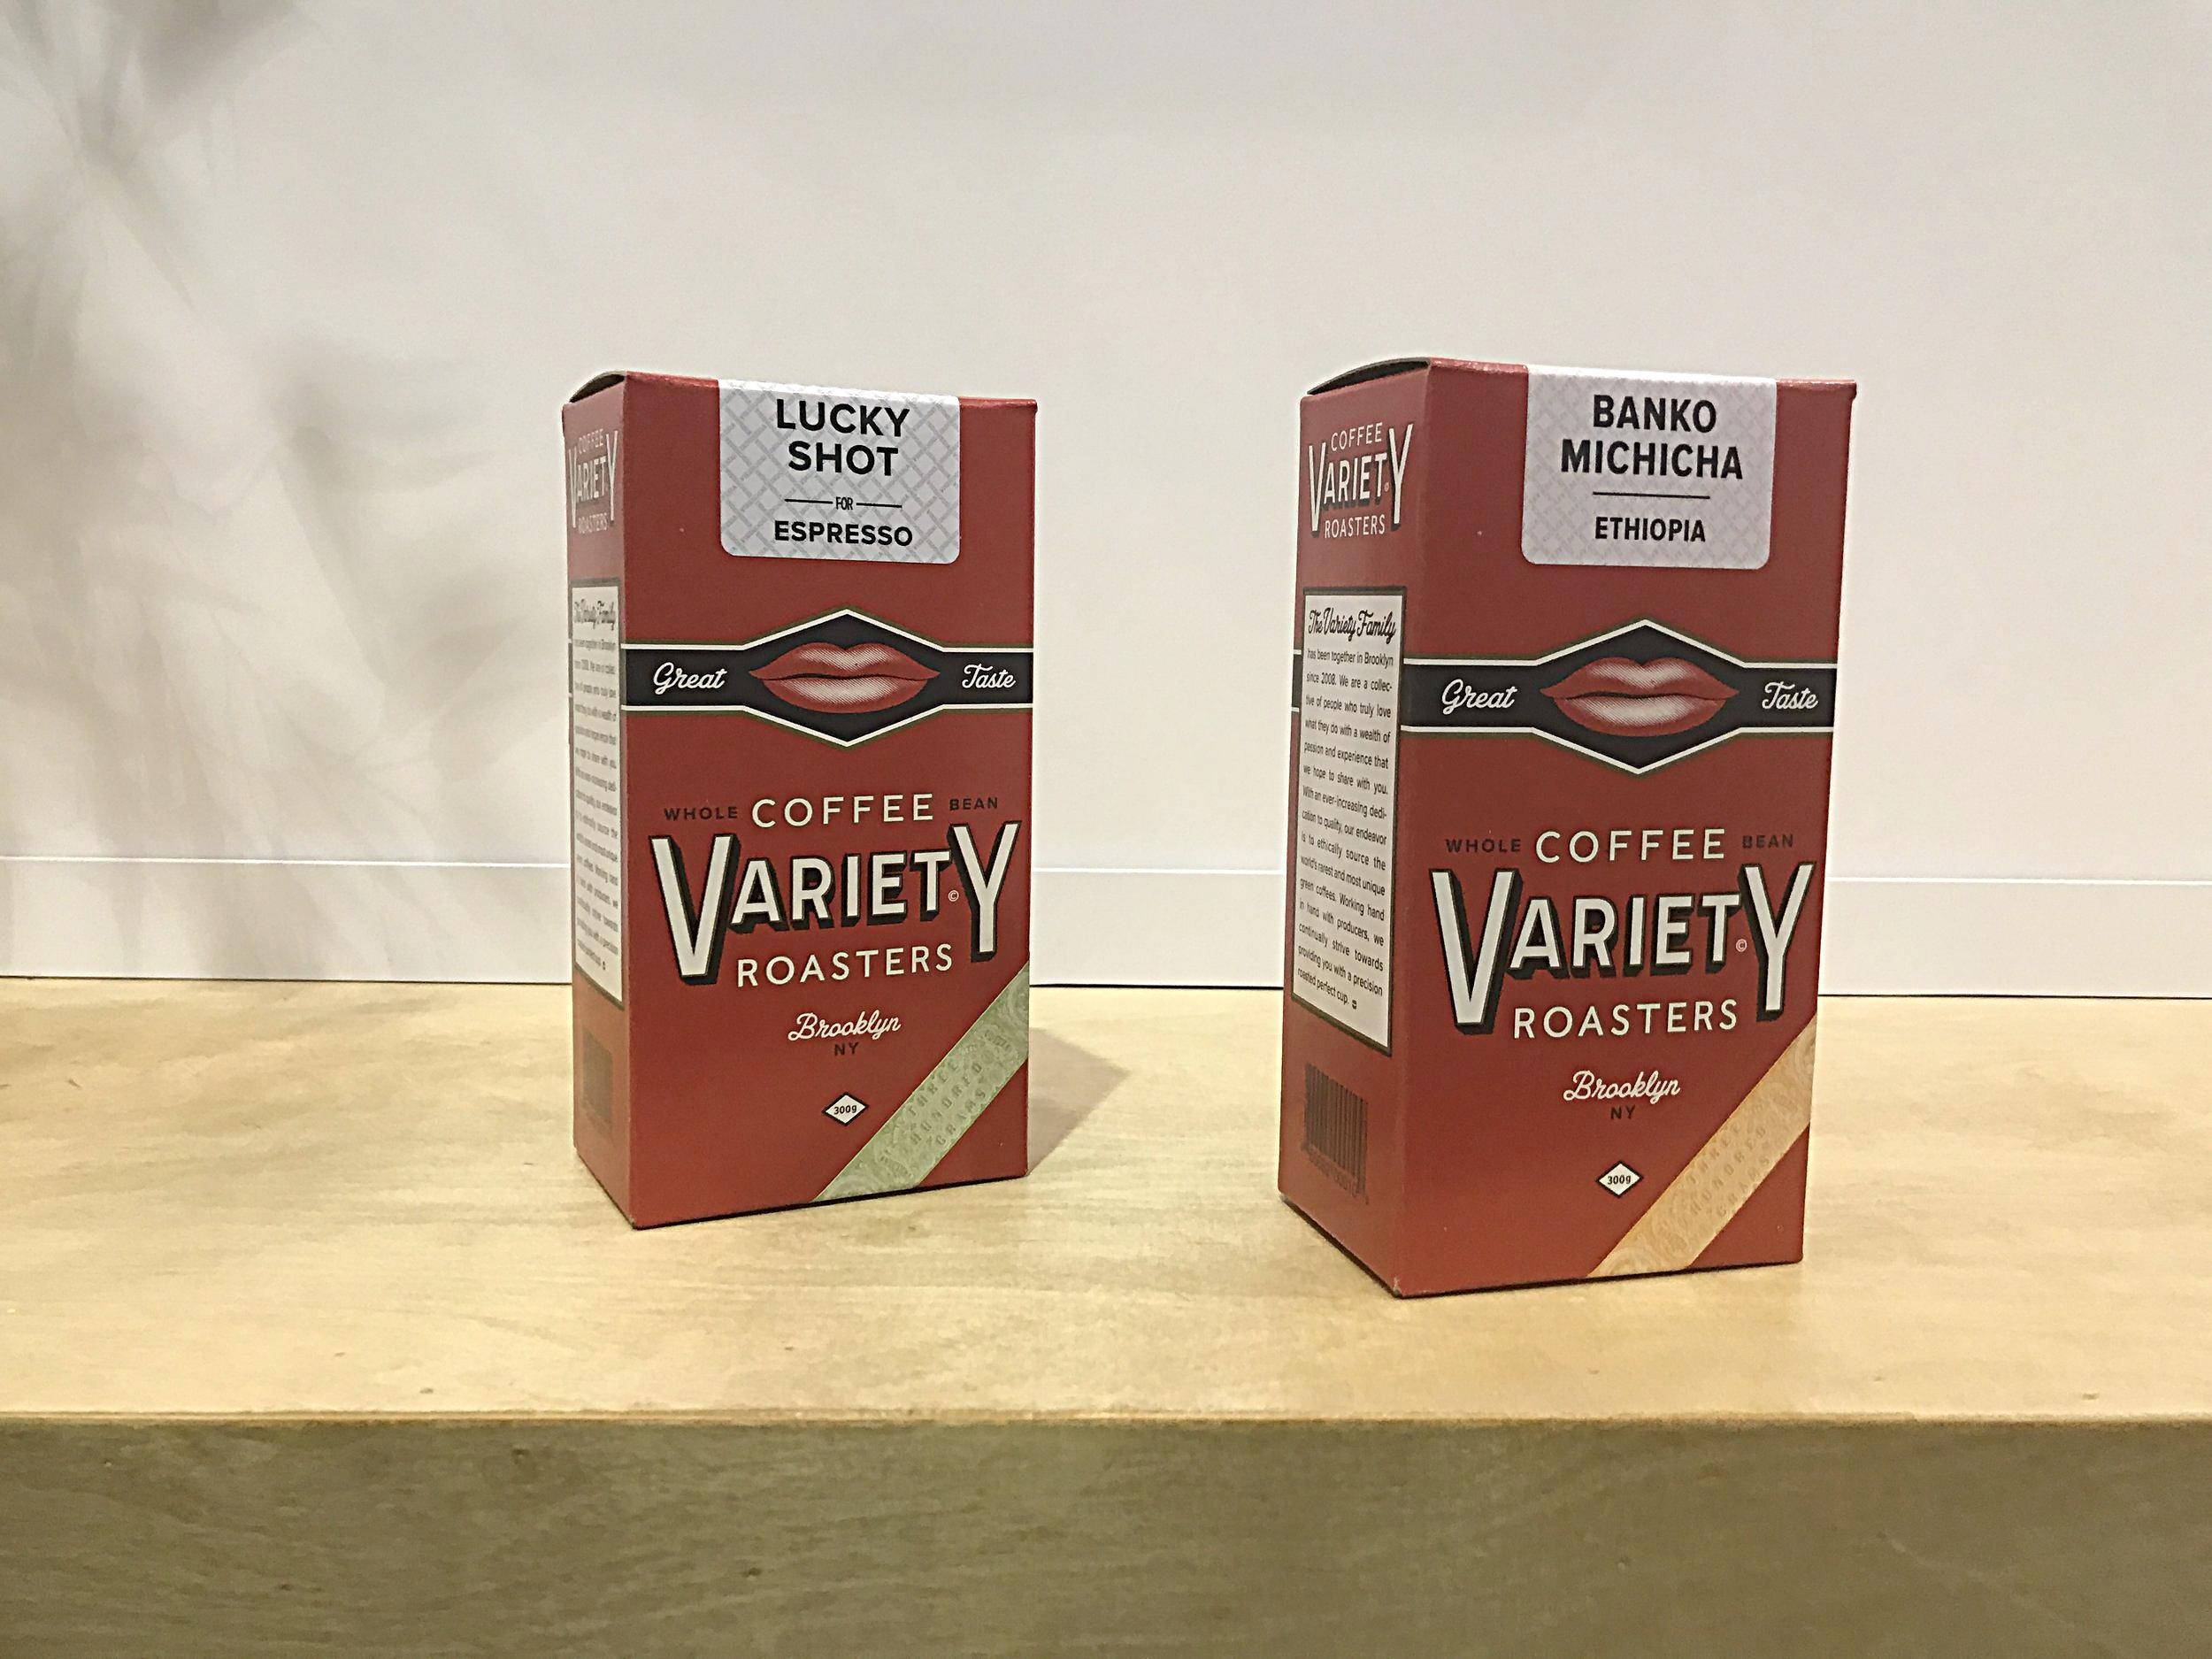 Variety Coffee Roasters